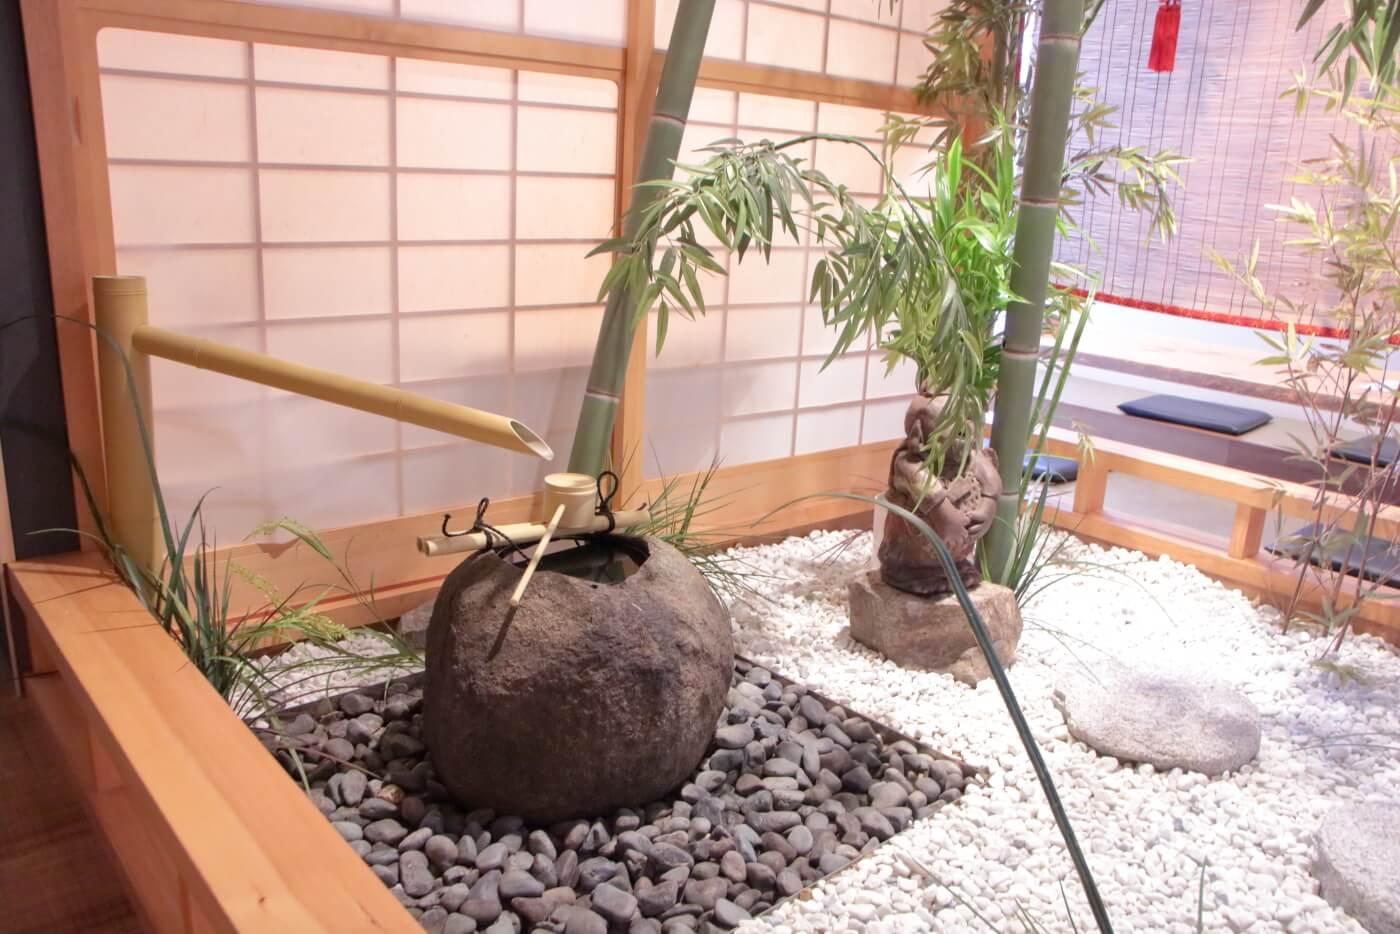 高知市の居酒屋 kataomoi(かたおもい)内観